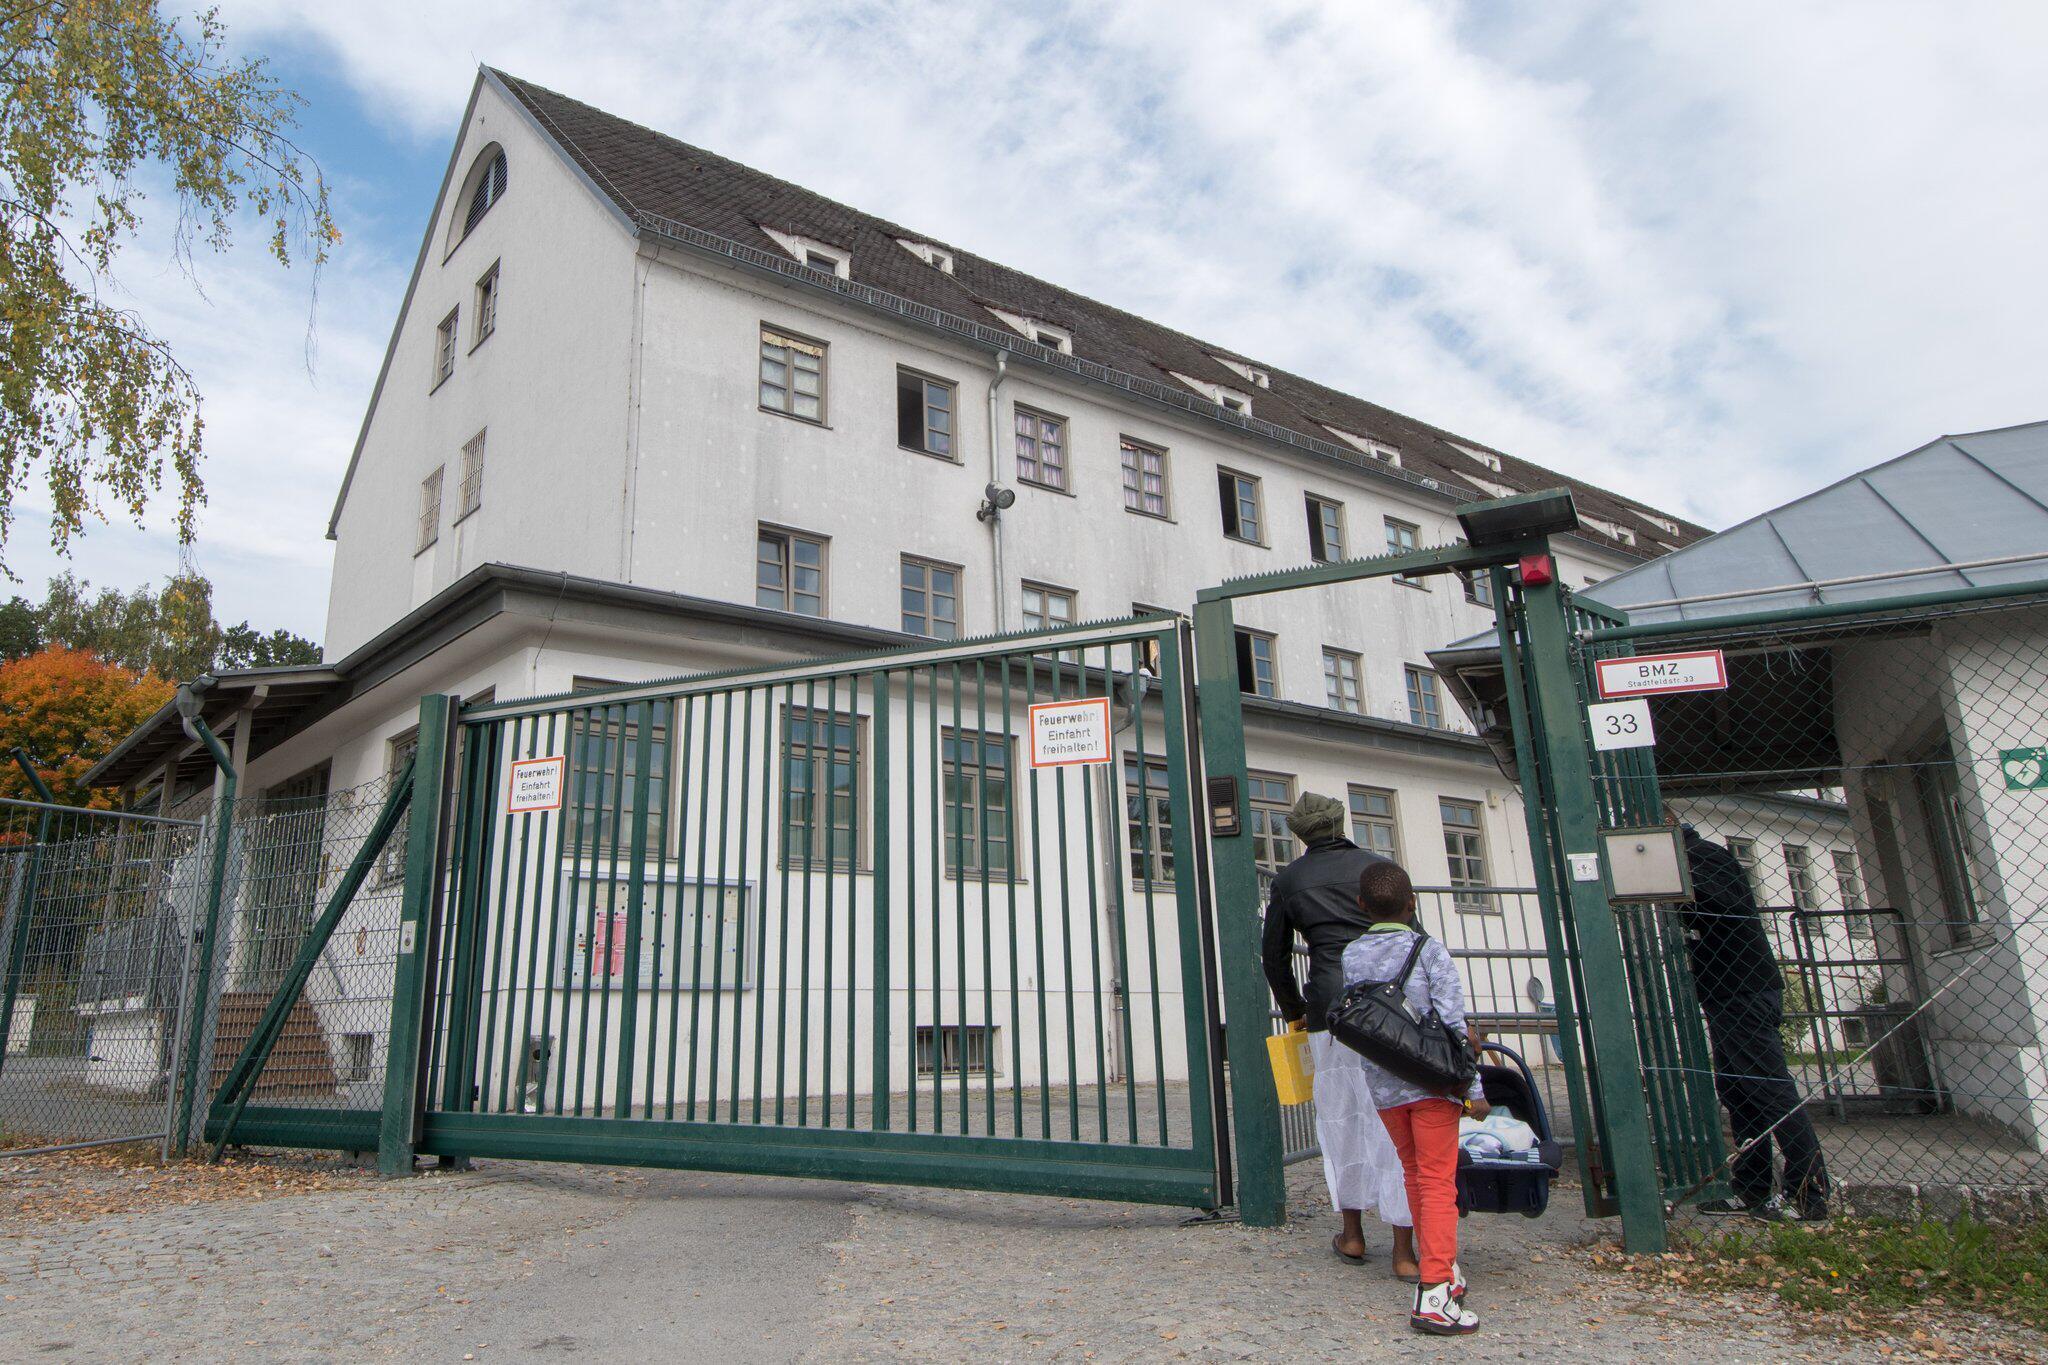 Bild zu Erstaufnahmeunterkunft für Asylbewerber in Deggendorf